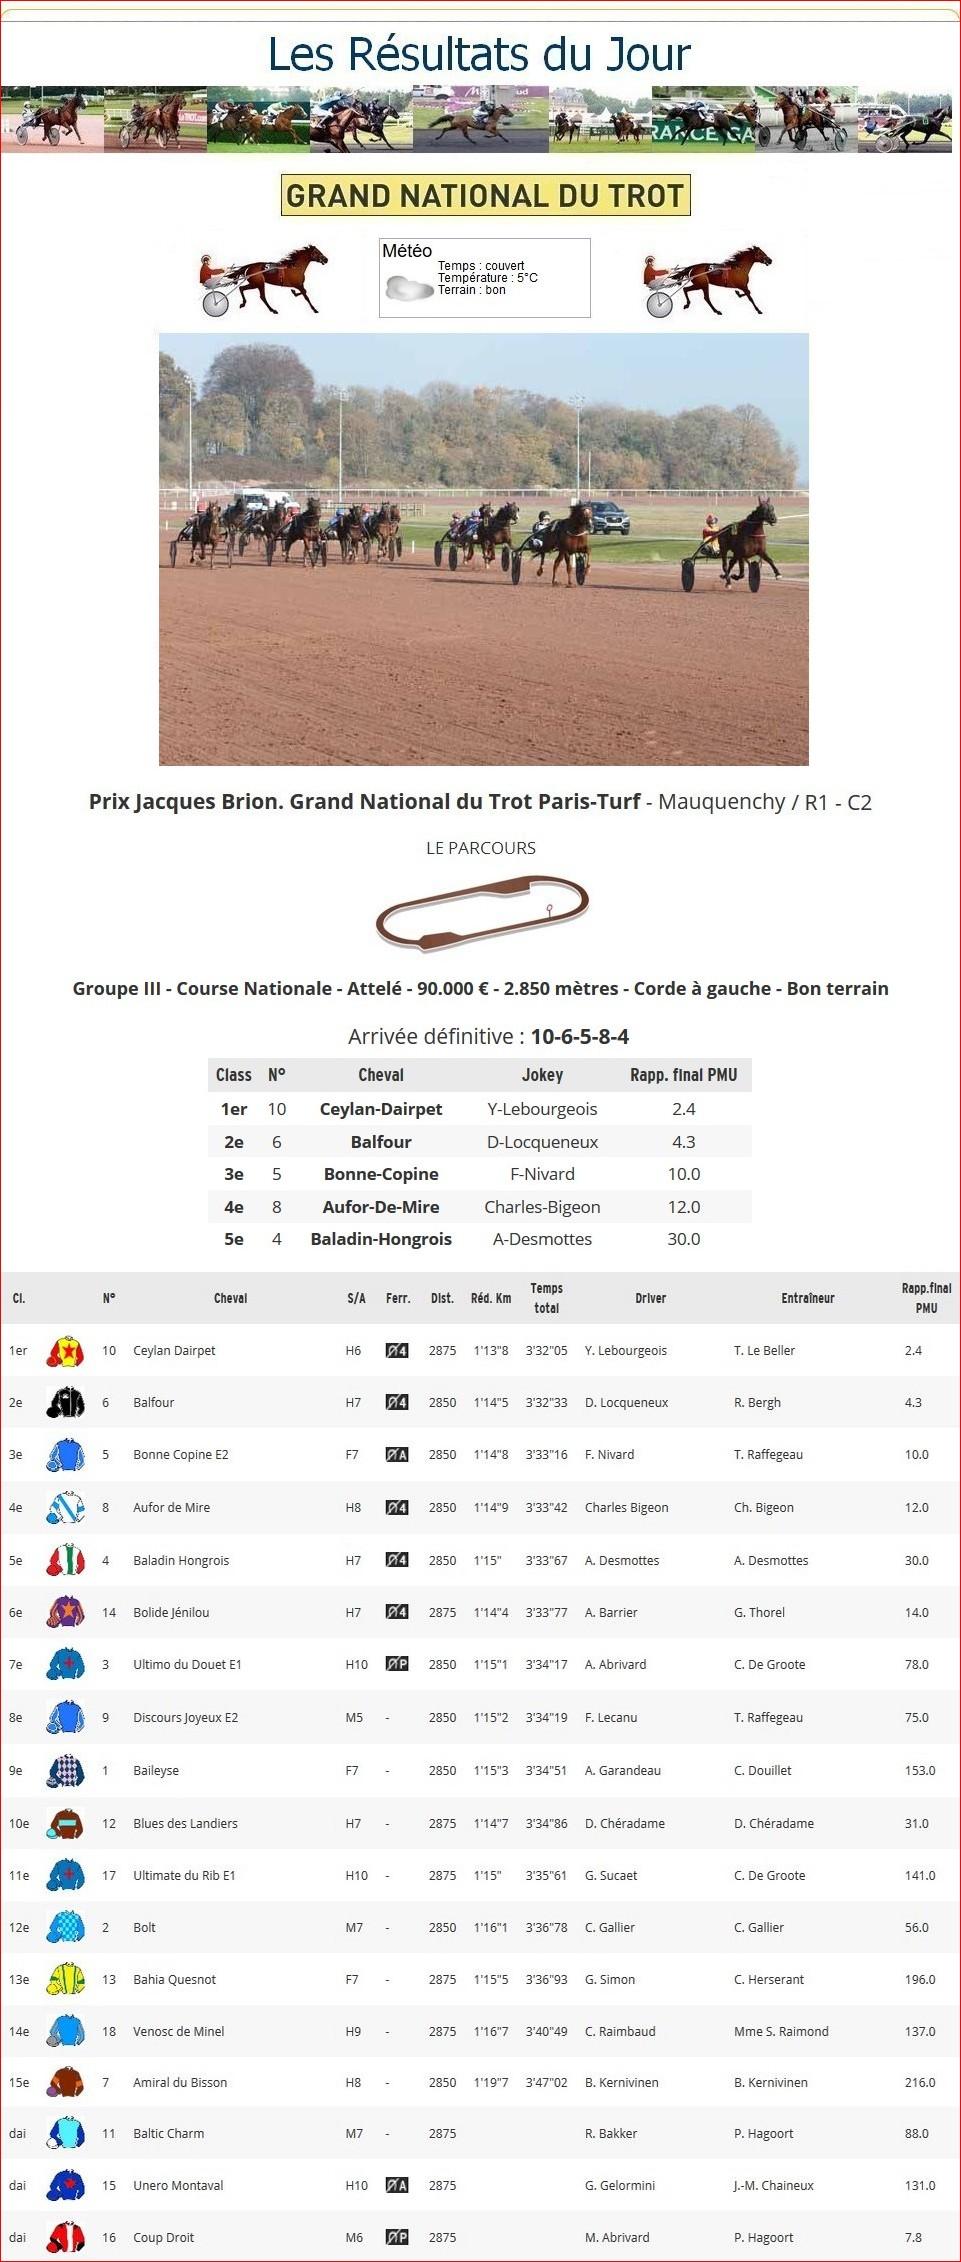 Résultats G.N.T. / 21 nov 2018 / 13ème Étape / Mauquenchy 1_p-t179